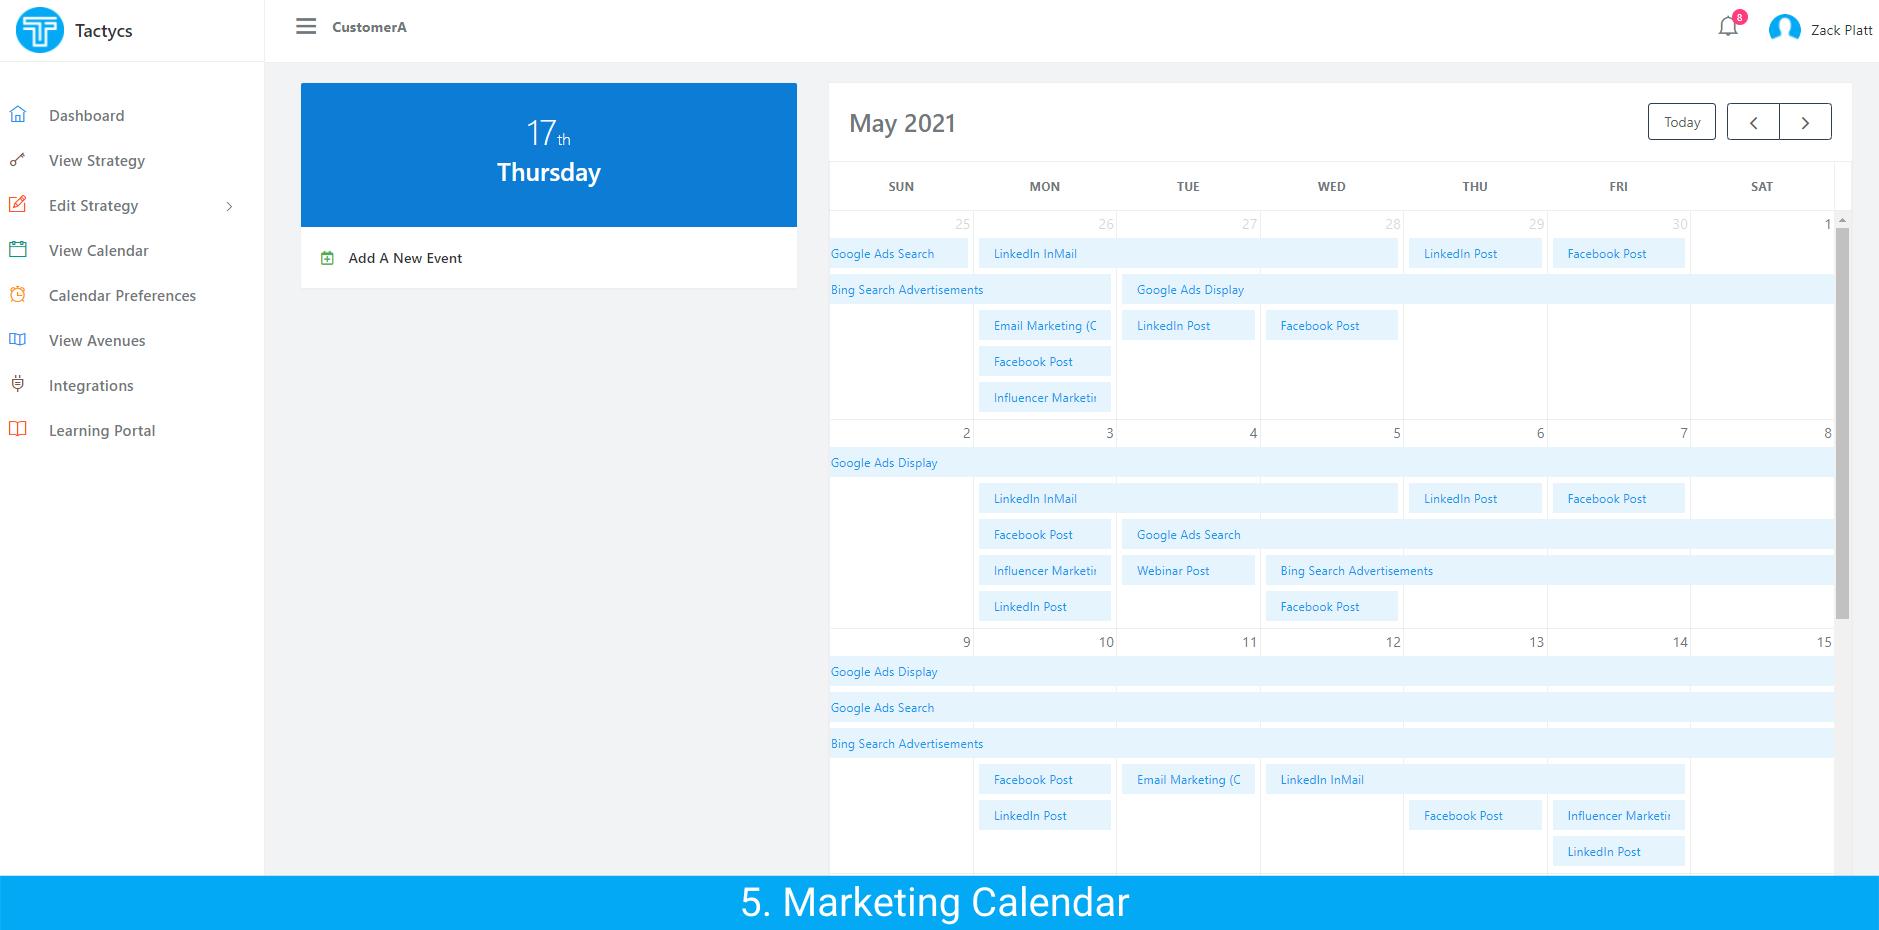 Tactycs Marketing Calendar Example